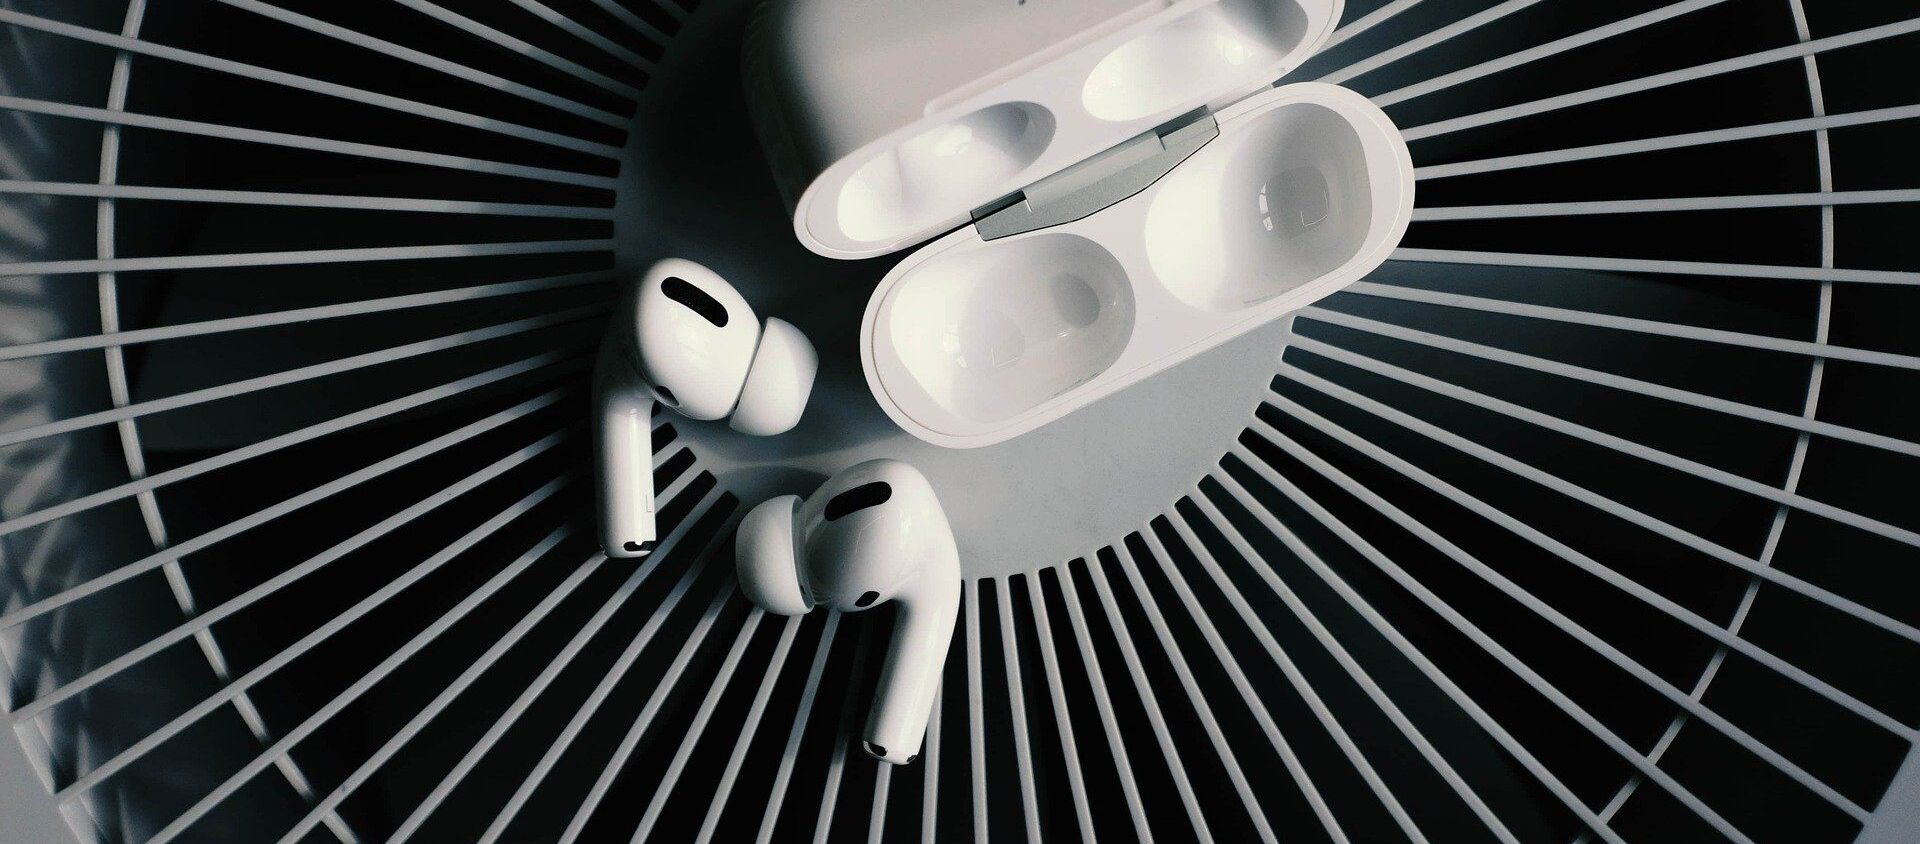 Bezprzewodowe słuchawki AirPods. - Sputnik Polska, 1920, 28.04.2021